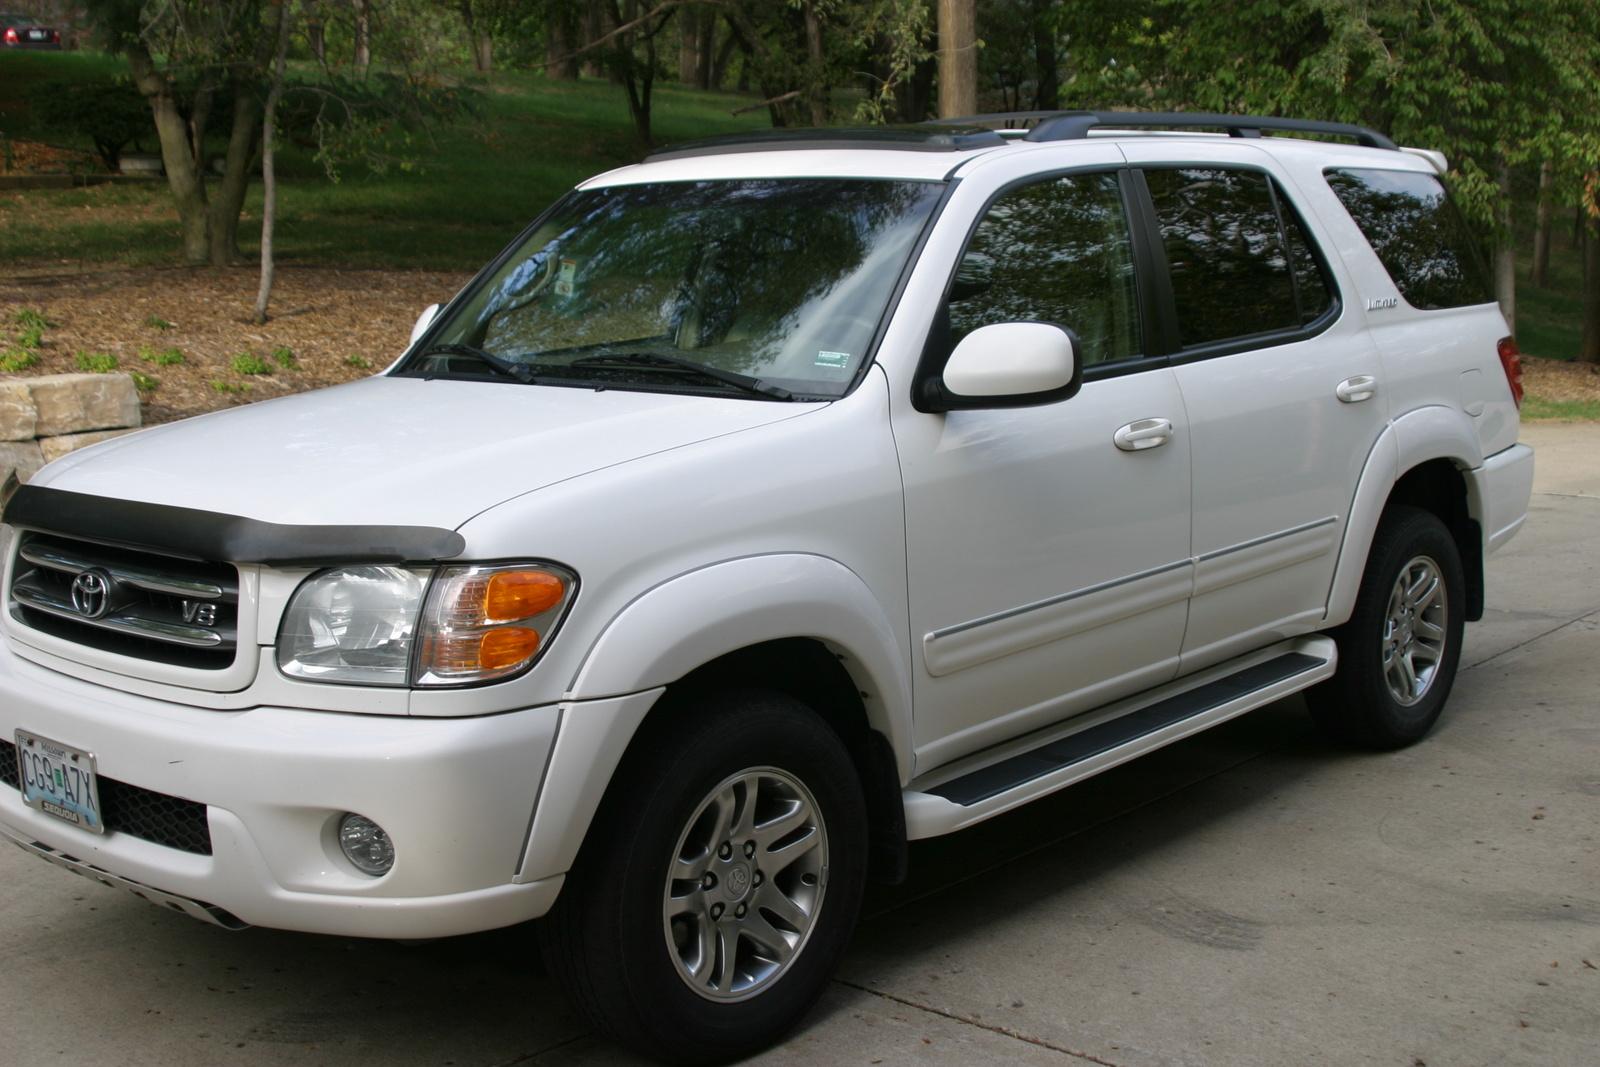 2003 Toyota Sequoia - Pictures - CarGurus